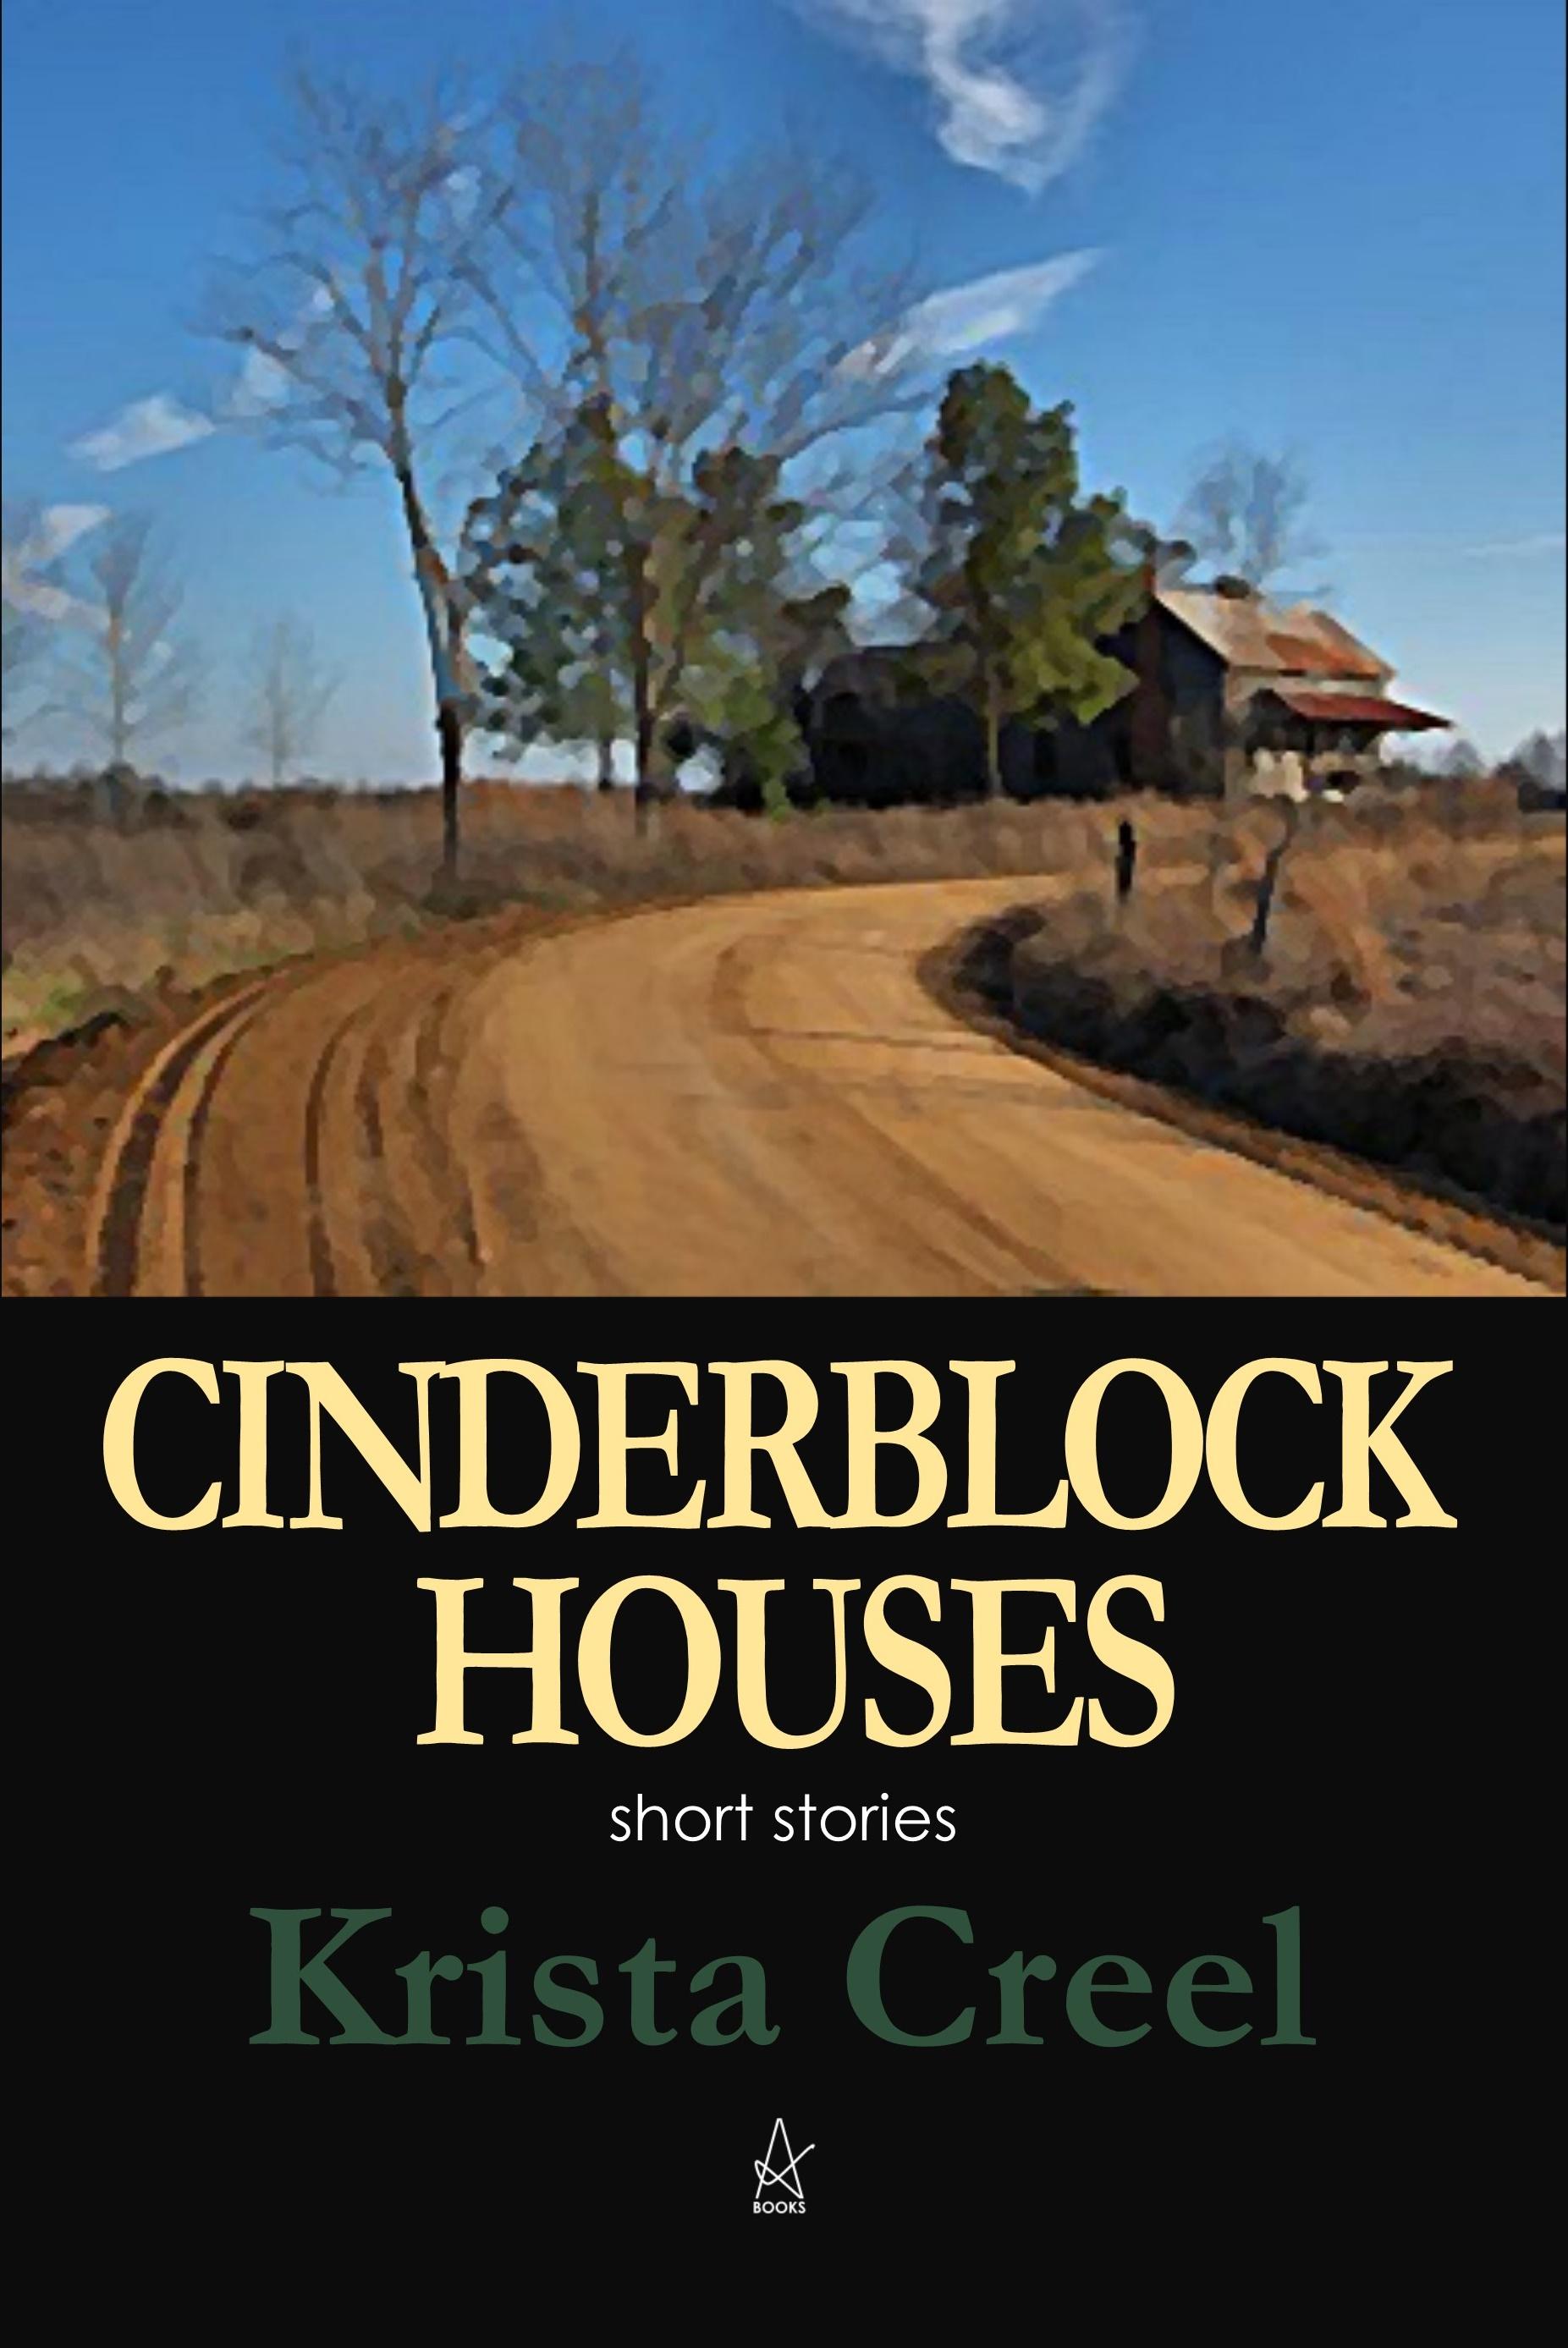 CINDERBLOCK HOUSES